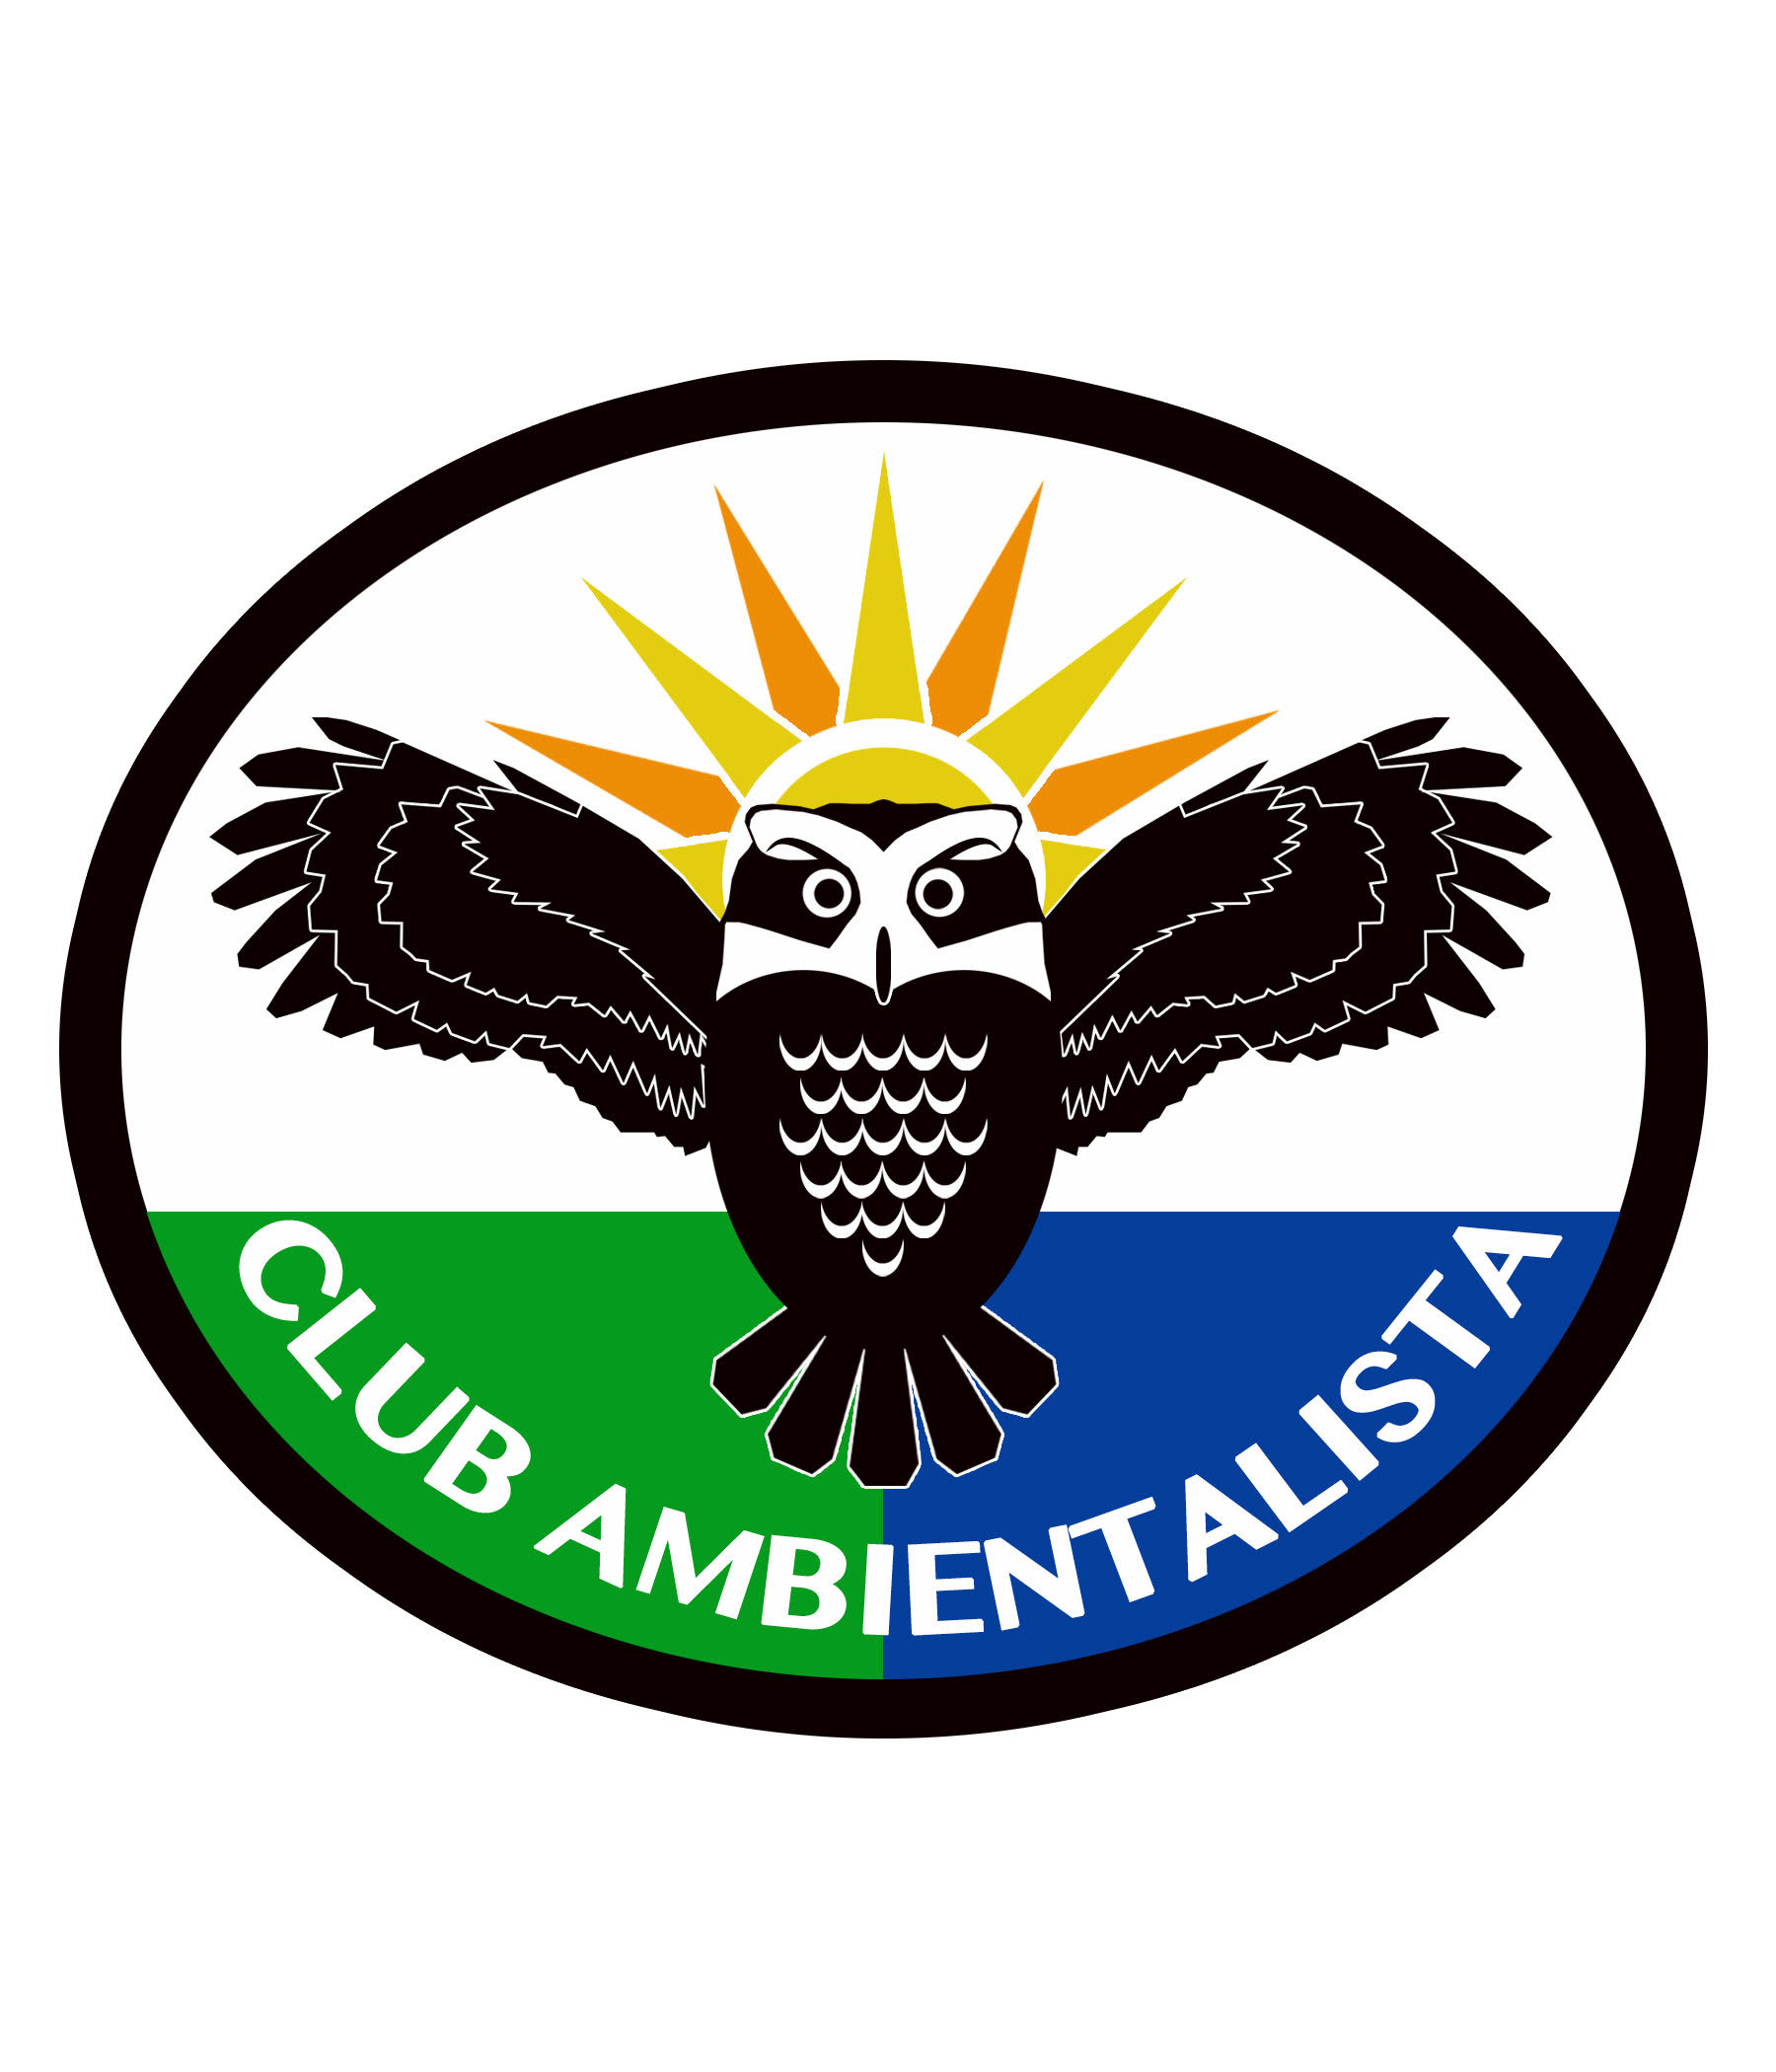 Club Ambientalista FEST